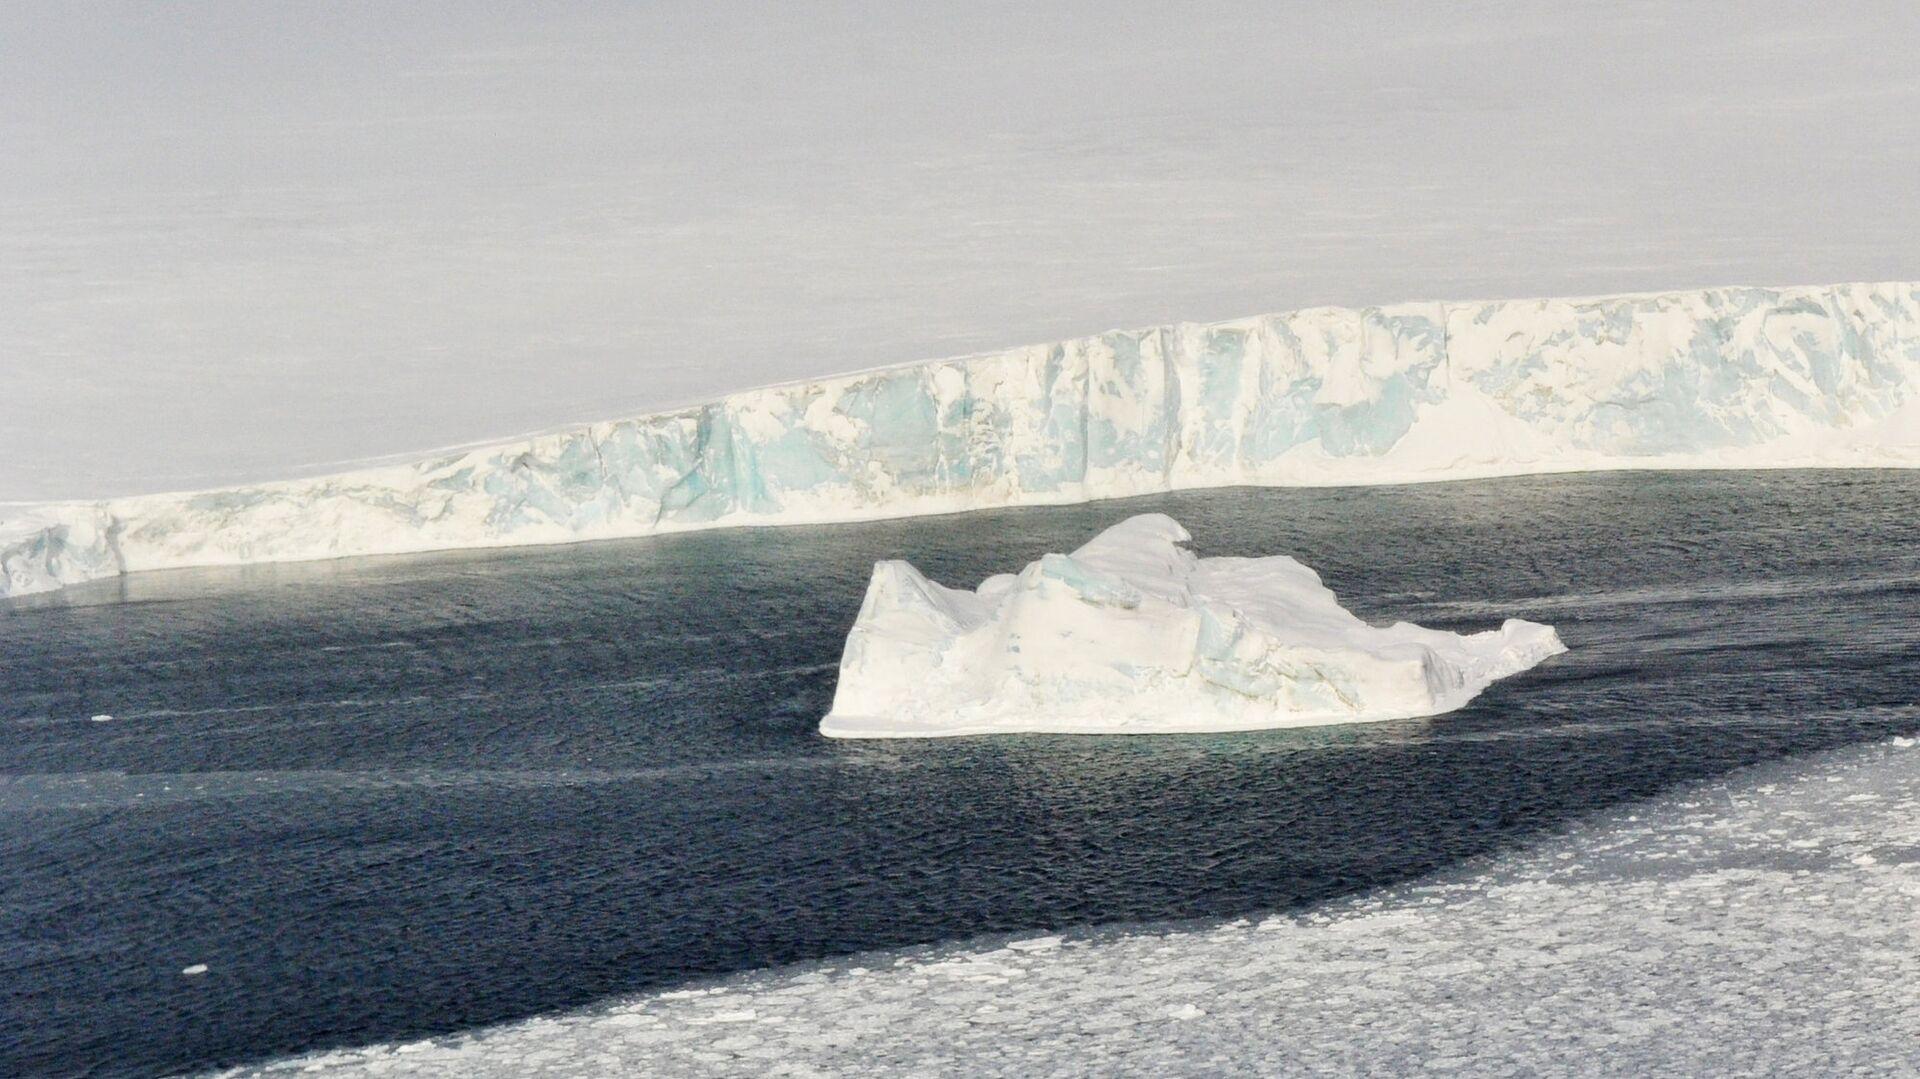 """Ученые предупредили о ядерной и бактериологической """"бомбах"""" в Арктике"""